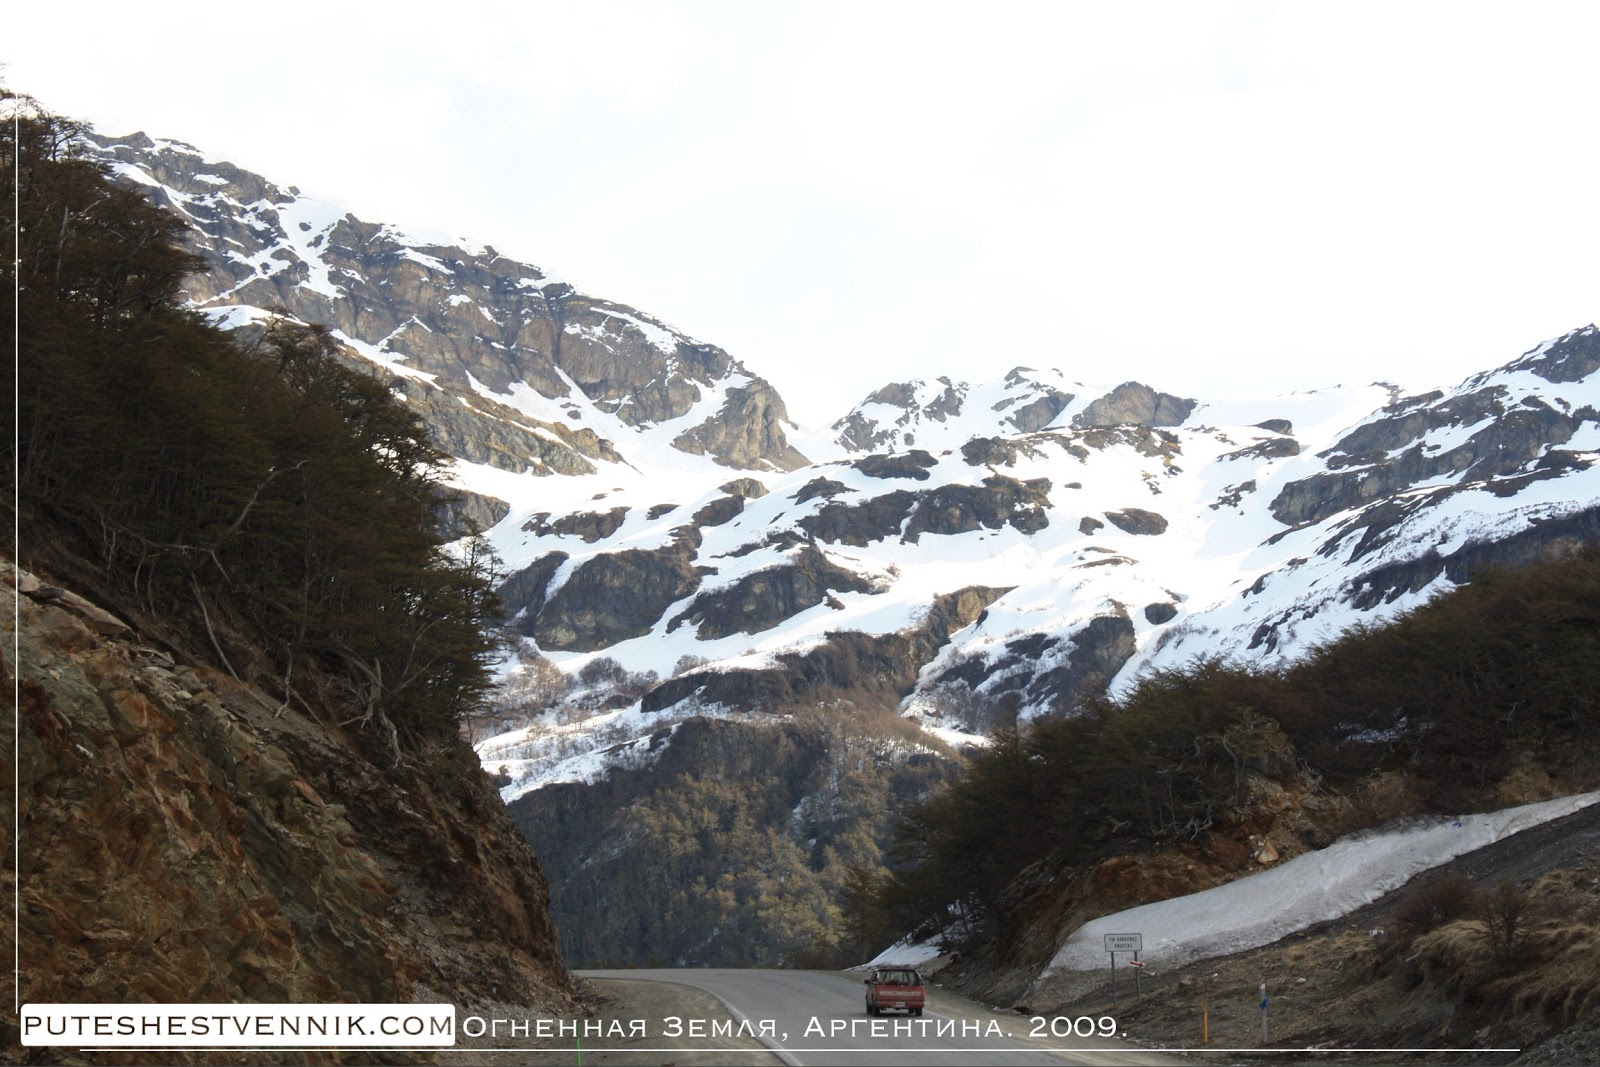 Джип на дороге и гора со снегом